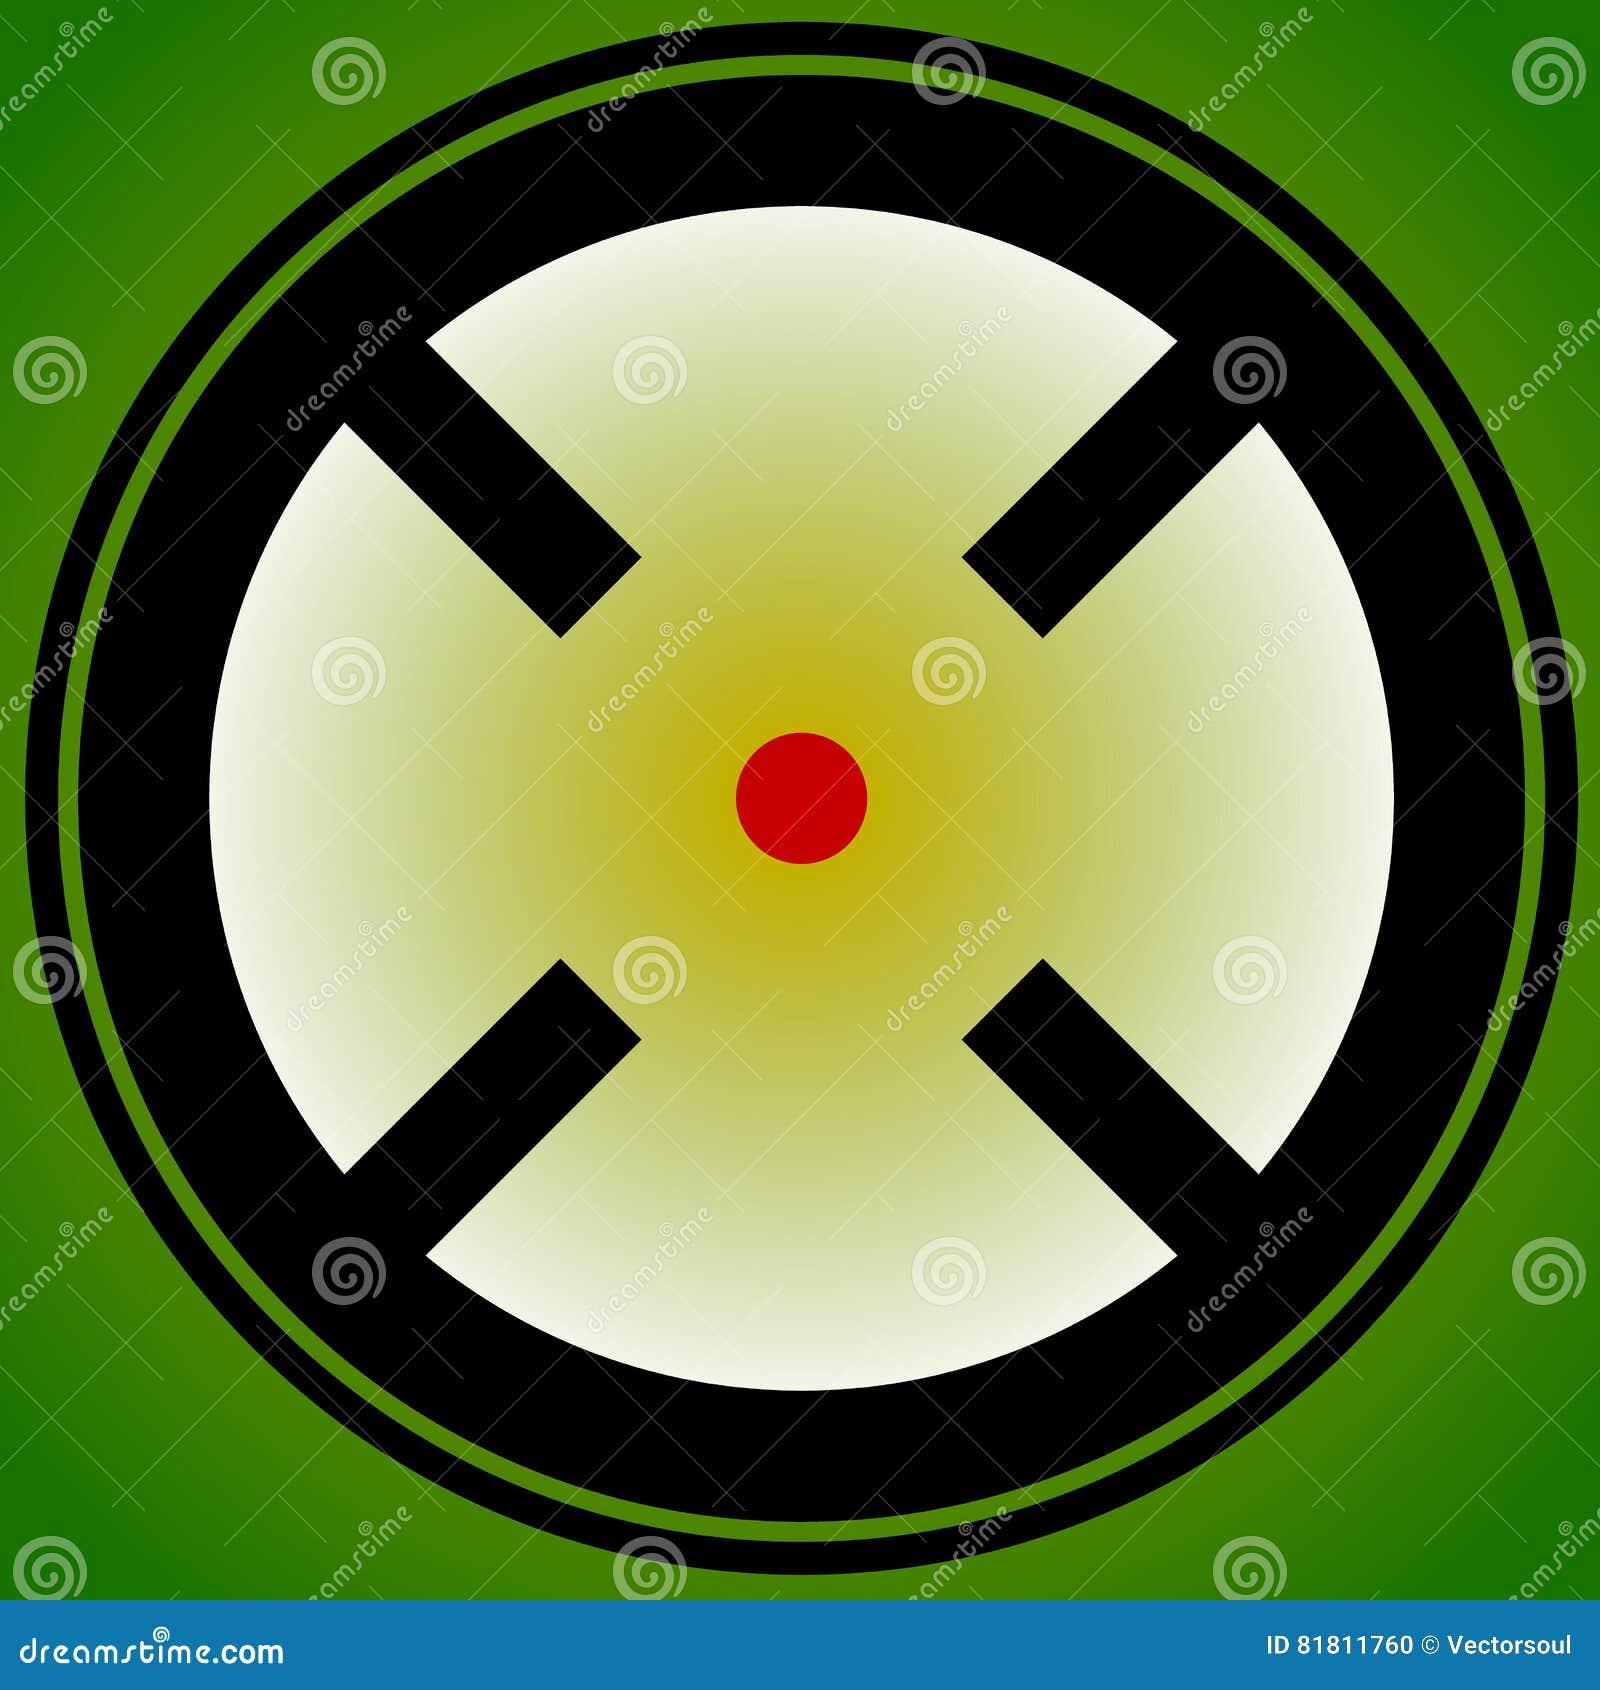 Σημάδι στόχων, σταυρόνημα, crosshair εικονίδιο για την εστίαση, ακρίβεια, στόχος